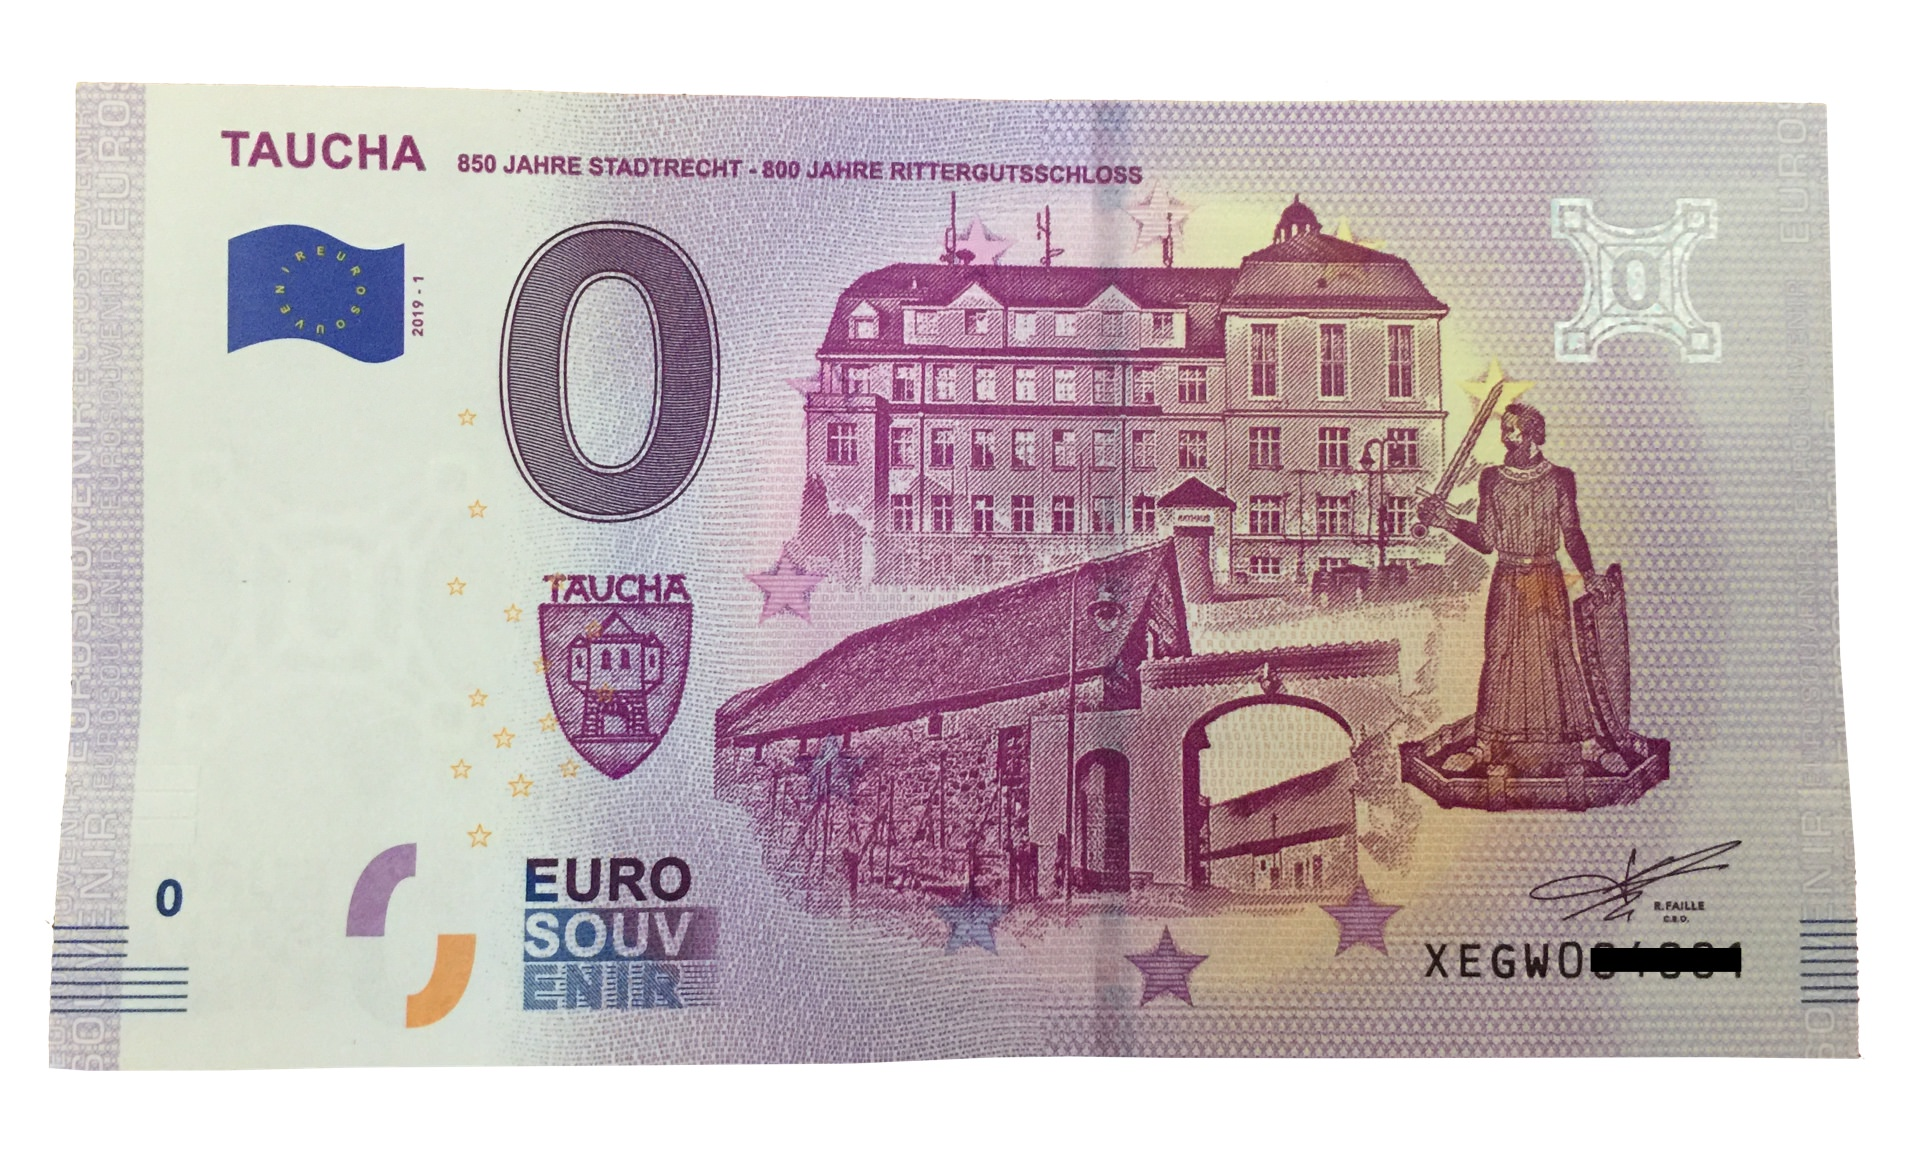 0 Euro Schein Taucha Setzt Auf Sammlertrend So Sieht Der Schein Aus